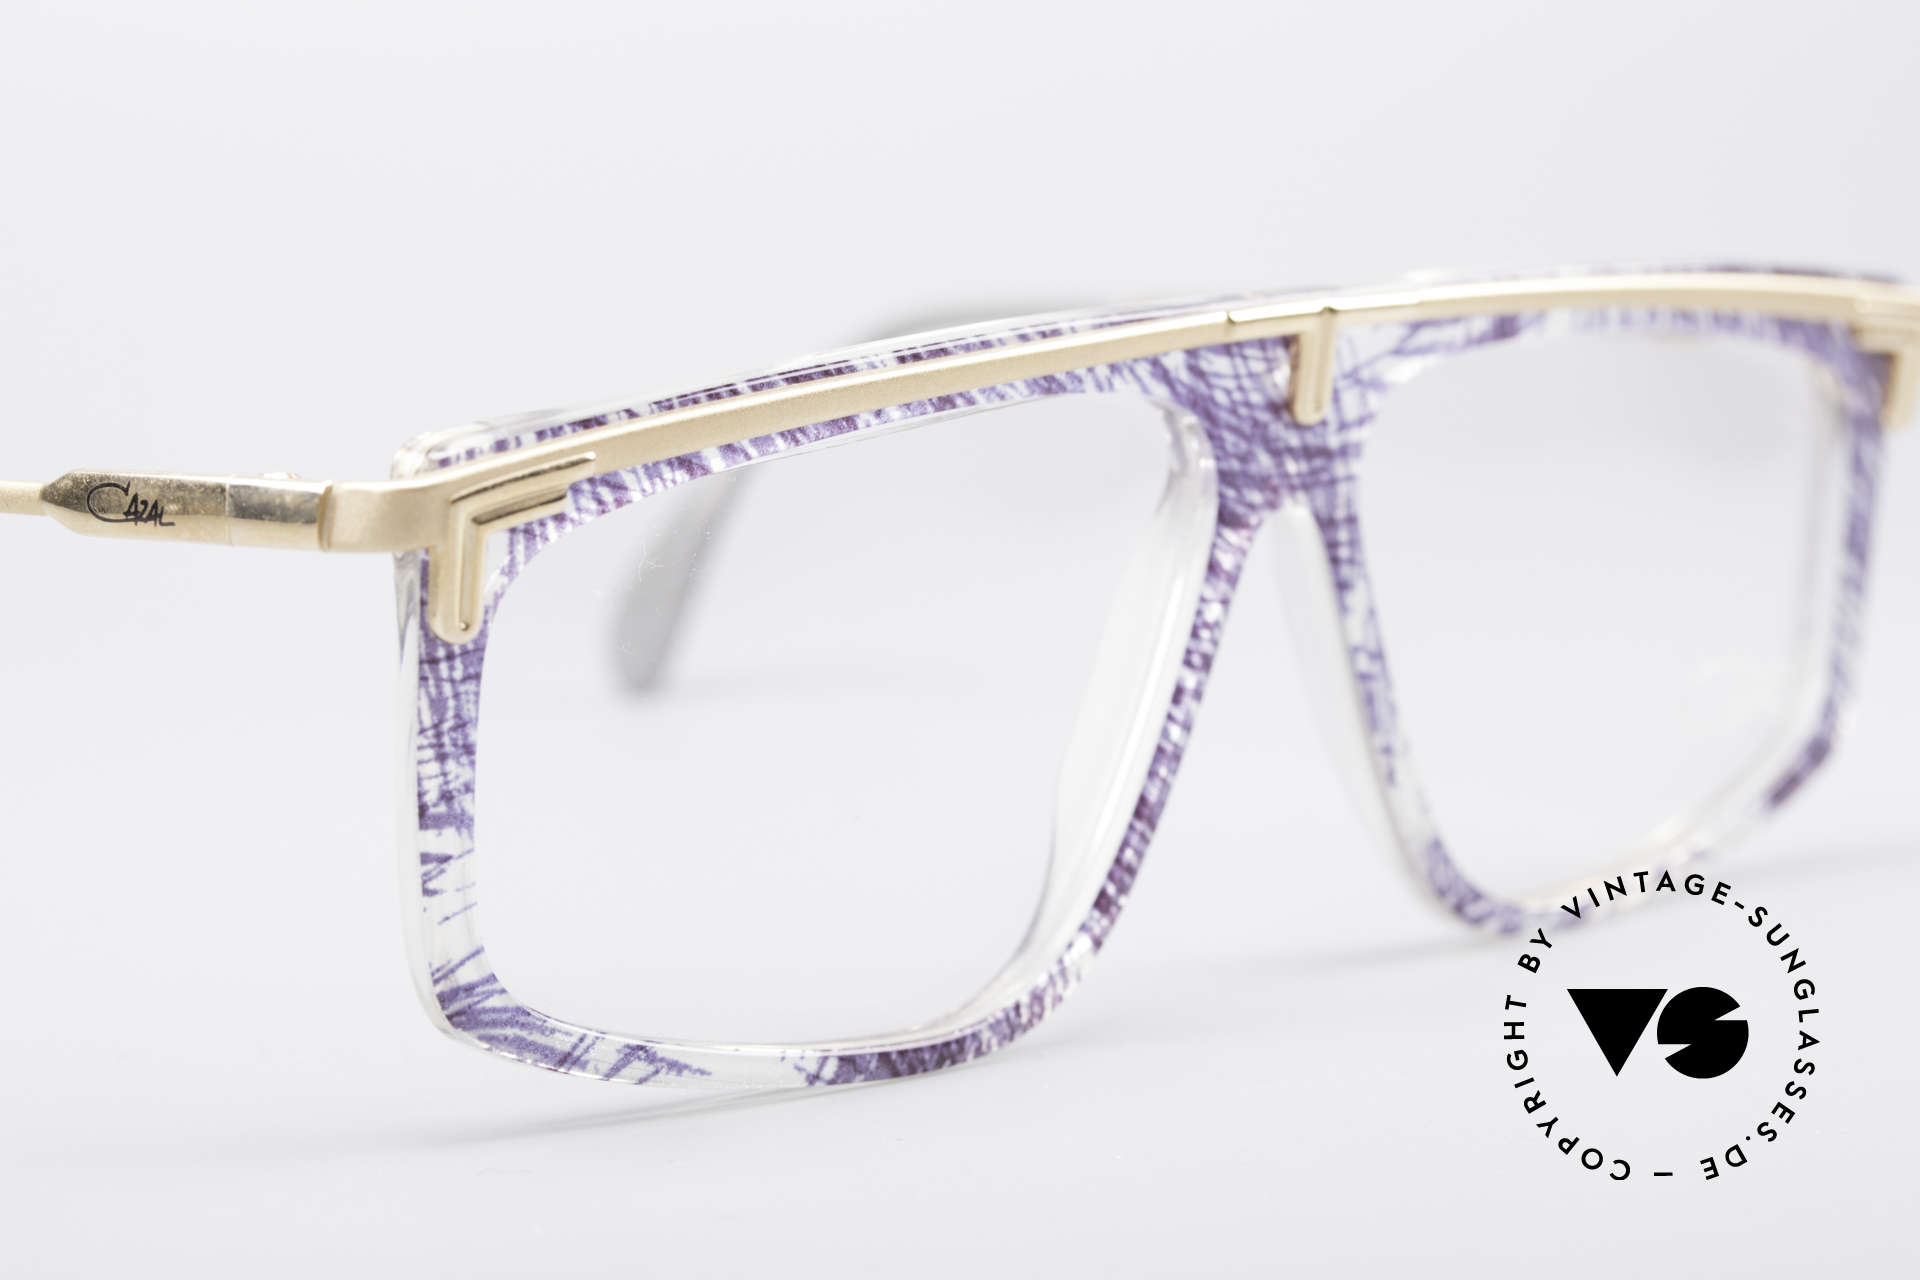 Cazal 190 Old School Hip Hop Brille, heute als HipHop Brille / Old School Brille bezeichnet, Passend für Herren